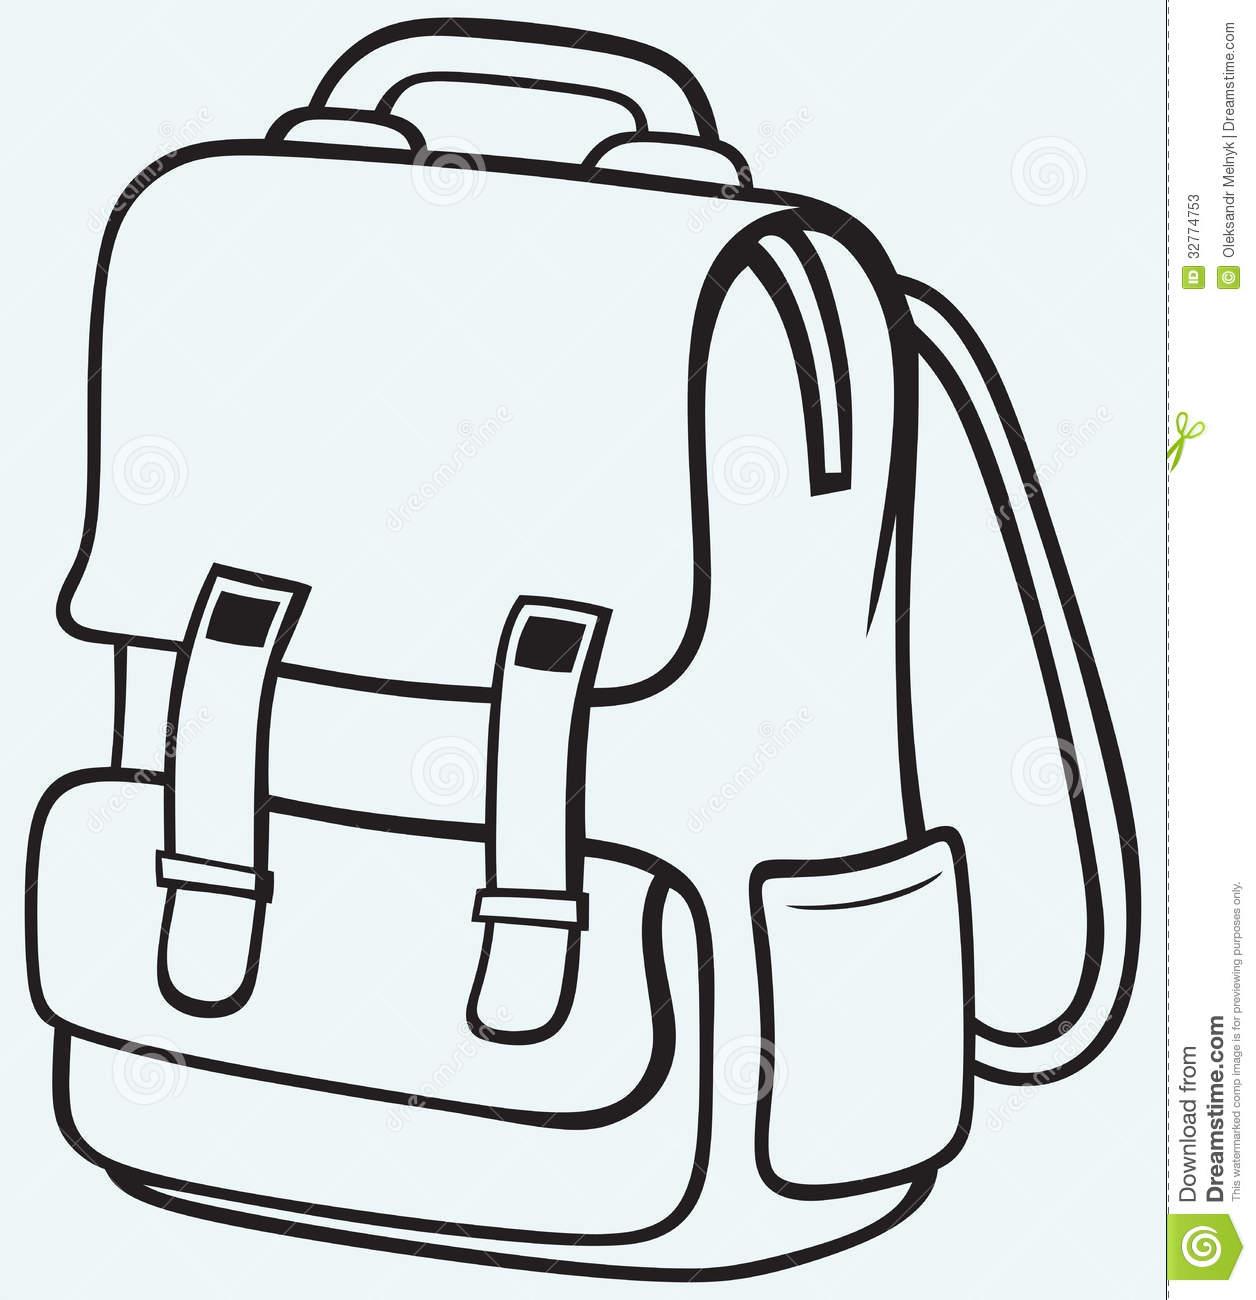 Bag clipart satchel. Panda free images satchelclipart